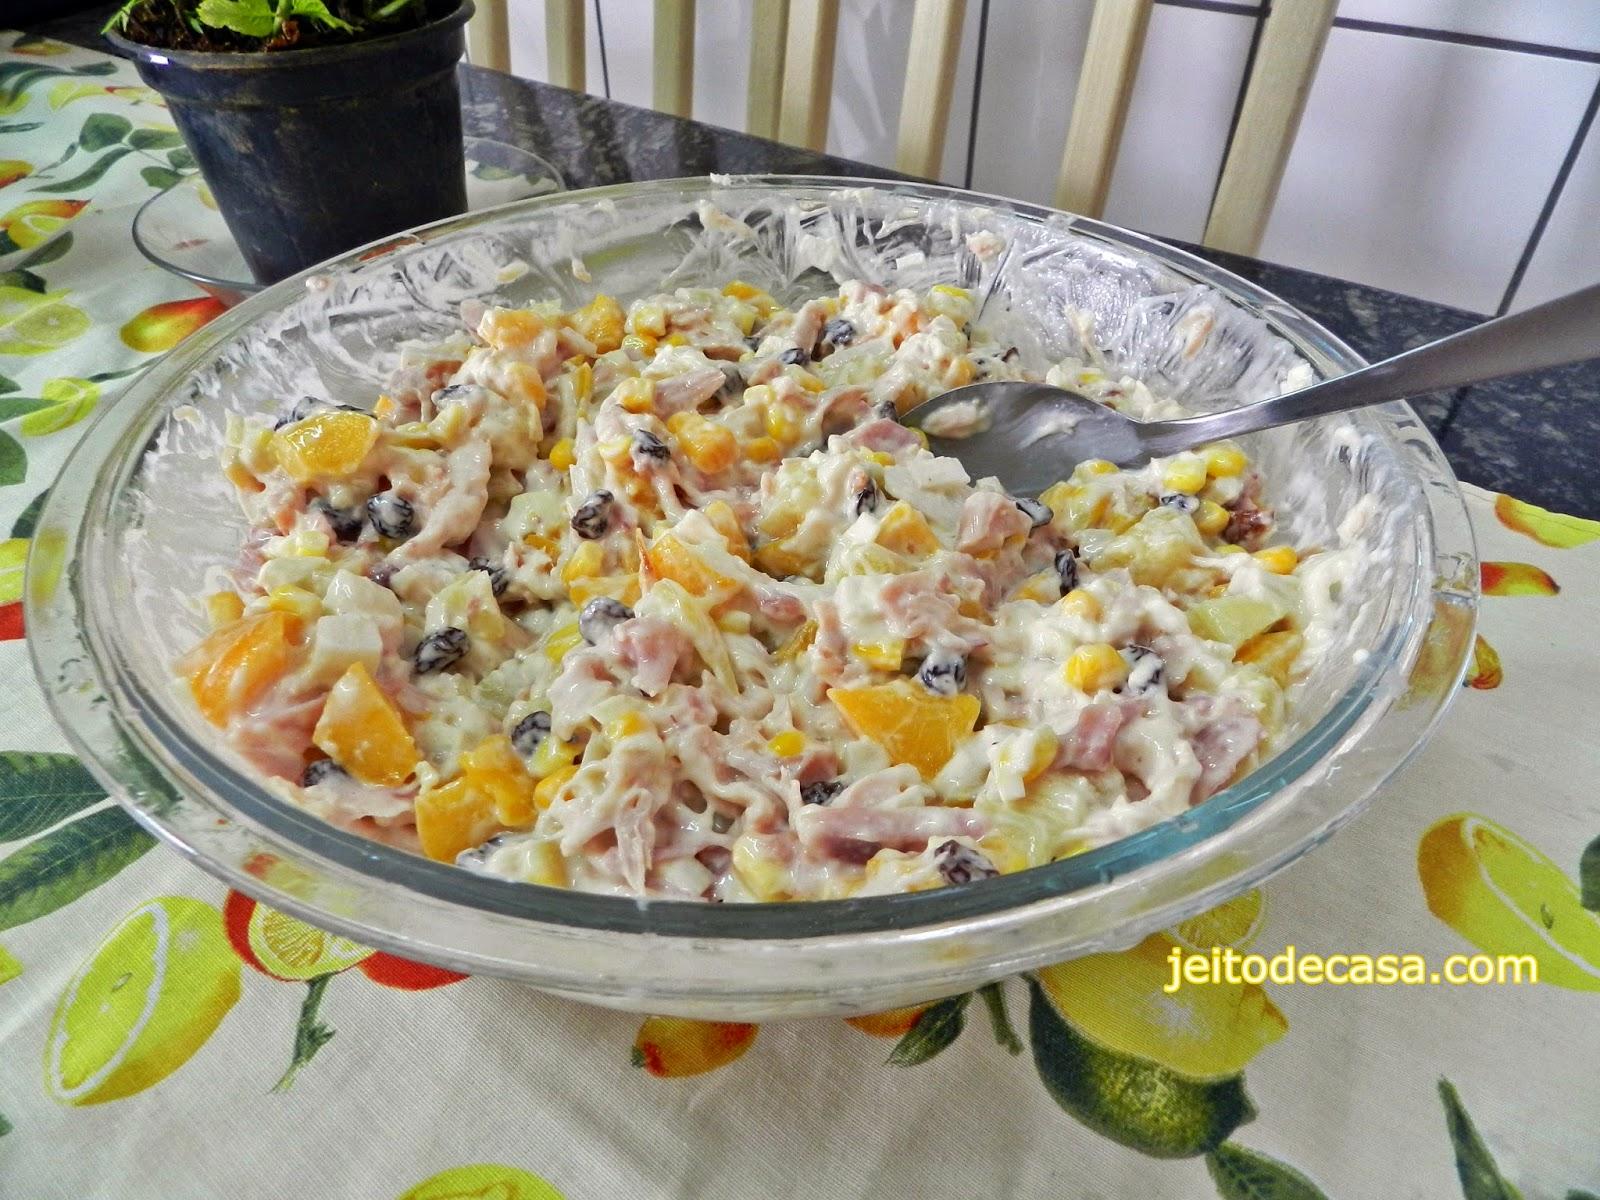 receita de salada tropical com frando defumado.